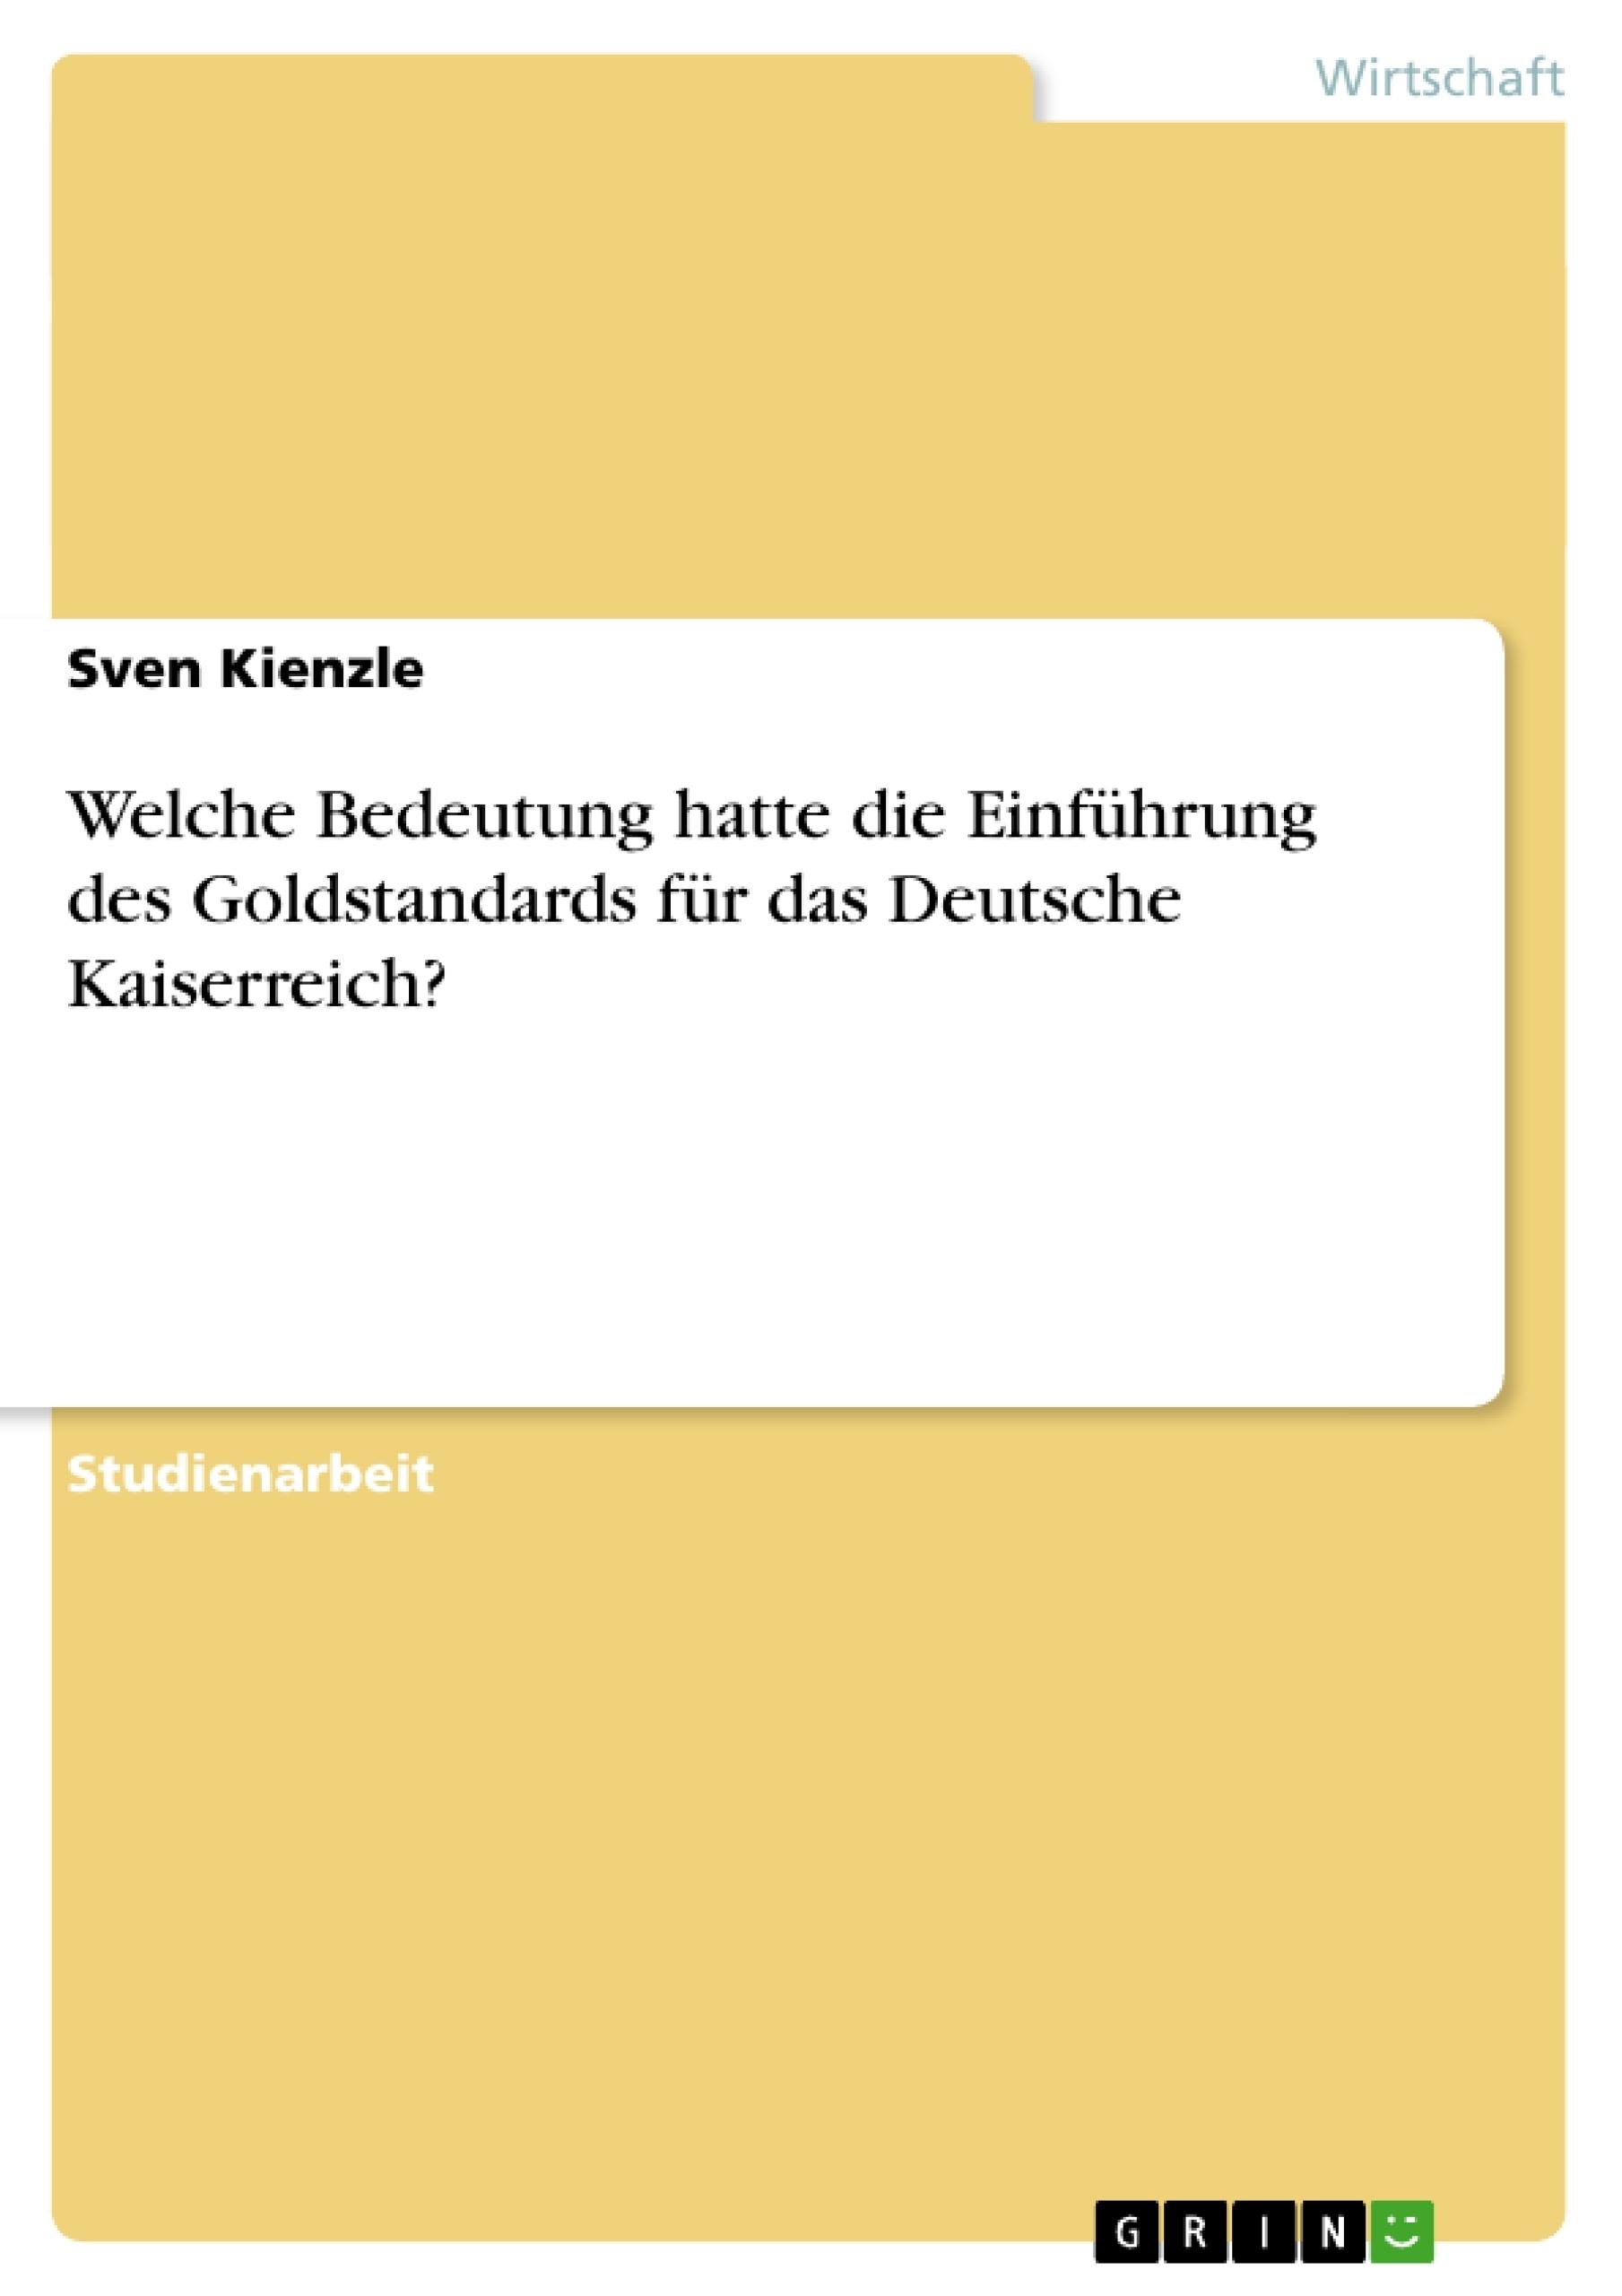 Titel: Welche Bedeutung hatte die Einführung des Goldstandards für das Deutsche Kaiserreich?